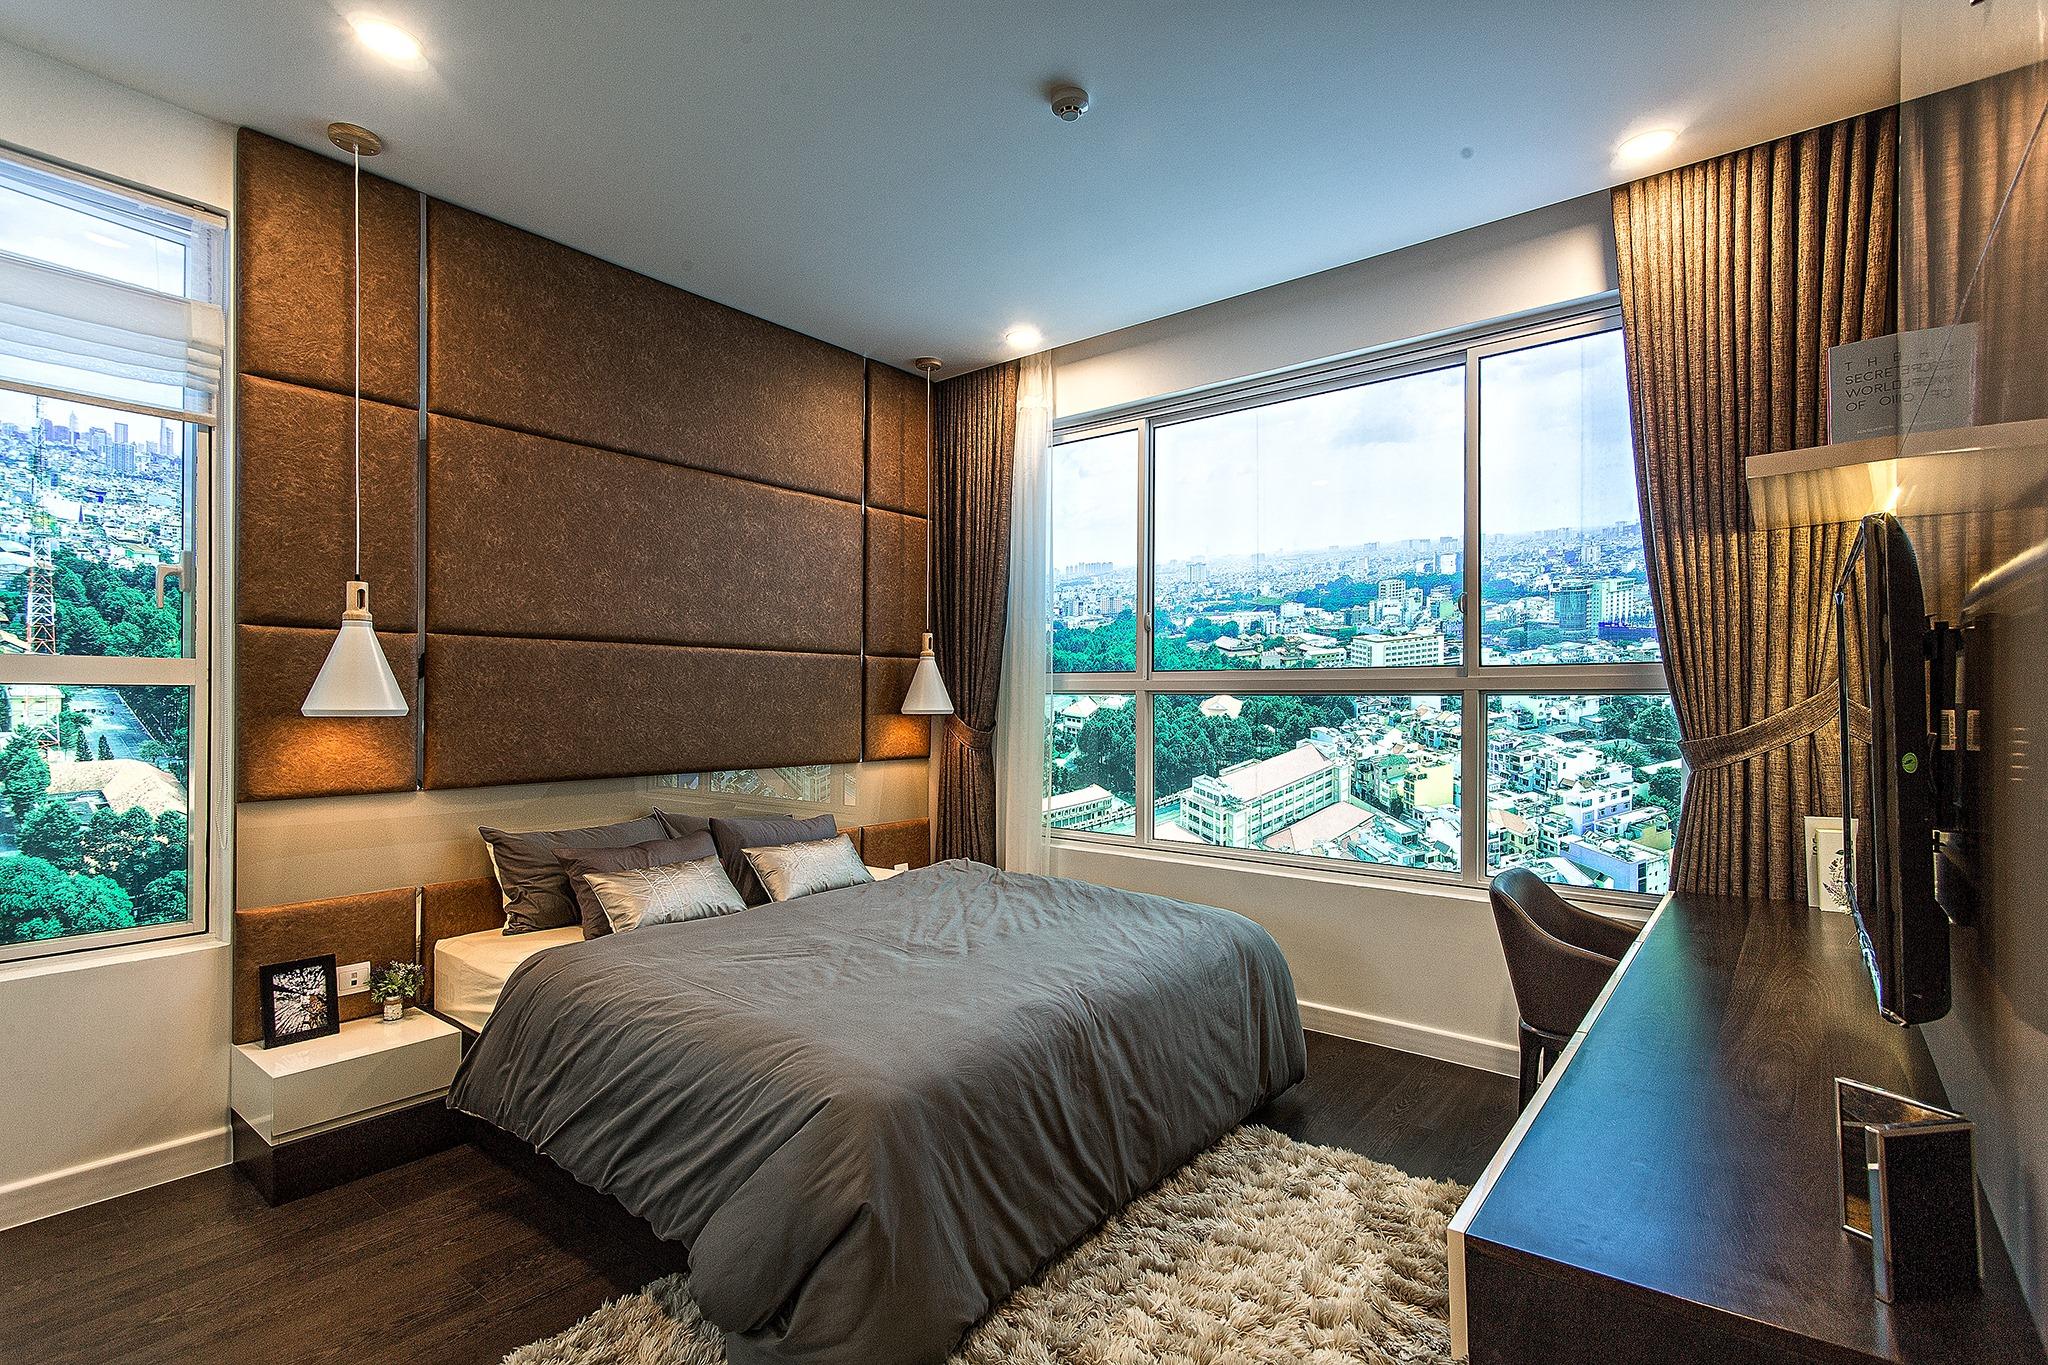 Chụp ảnh nội thất Đà Nẵng